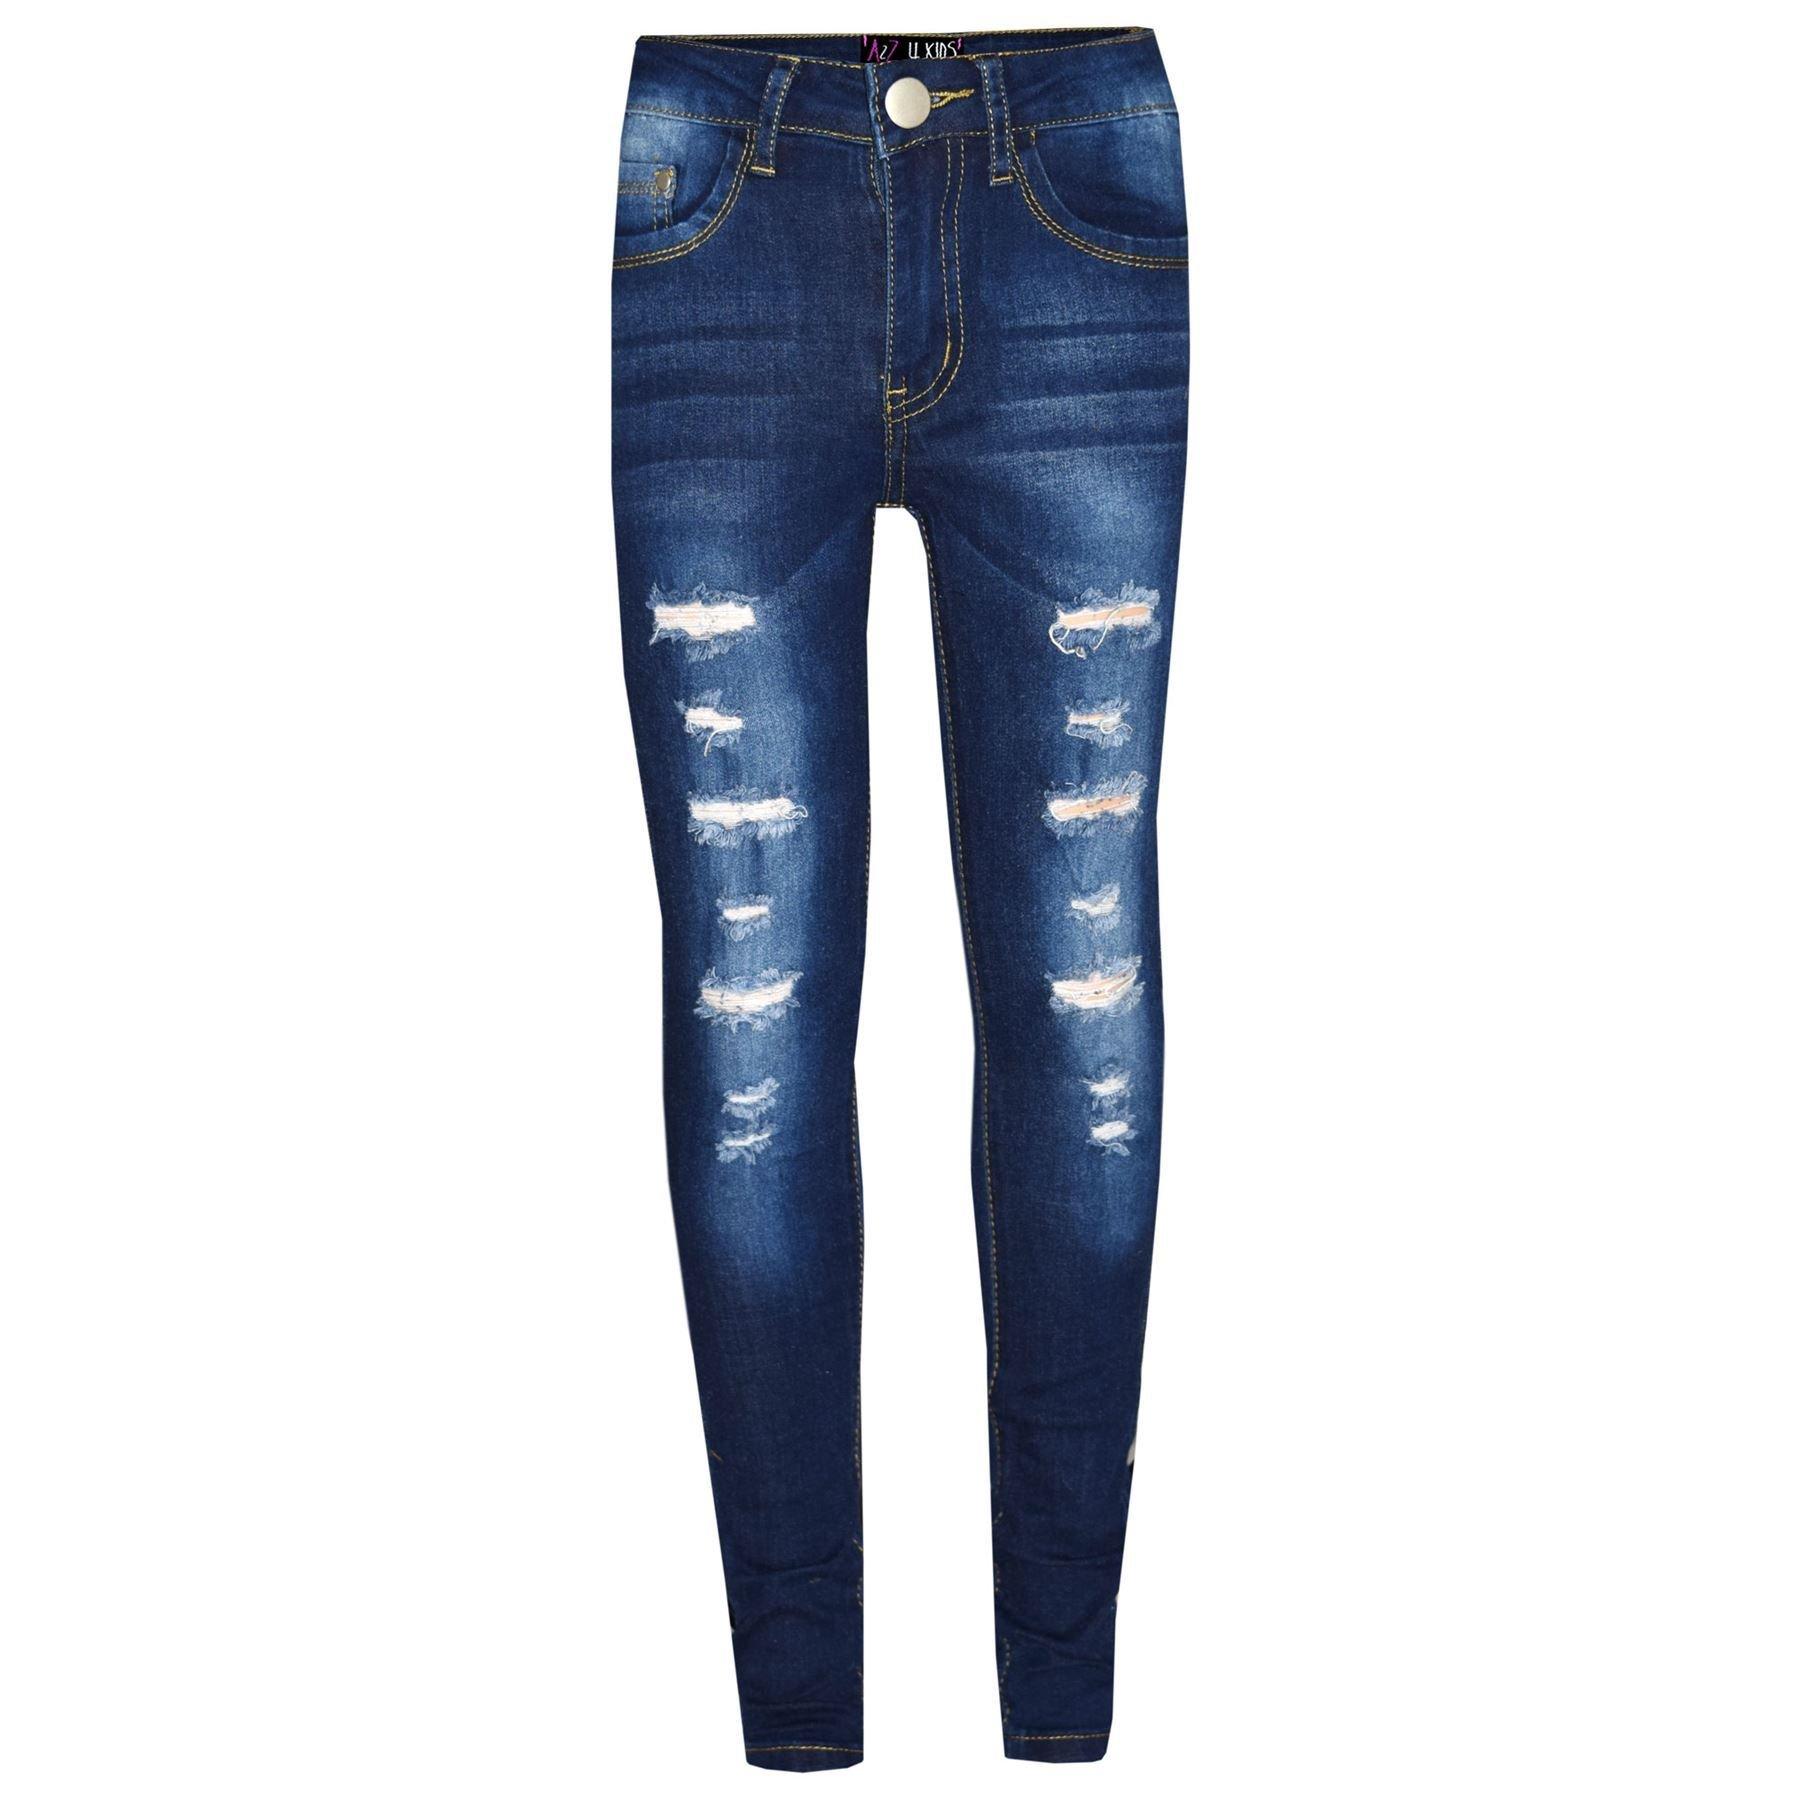 Kids Girls Skinny Jeans Denim Ripped Stretchy - Girls Jeans M617 Dark Blue 11-12 by A2Z 4 Kids